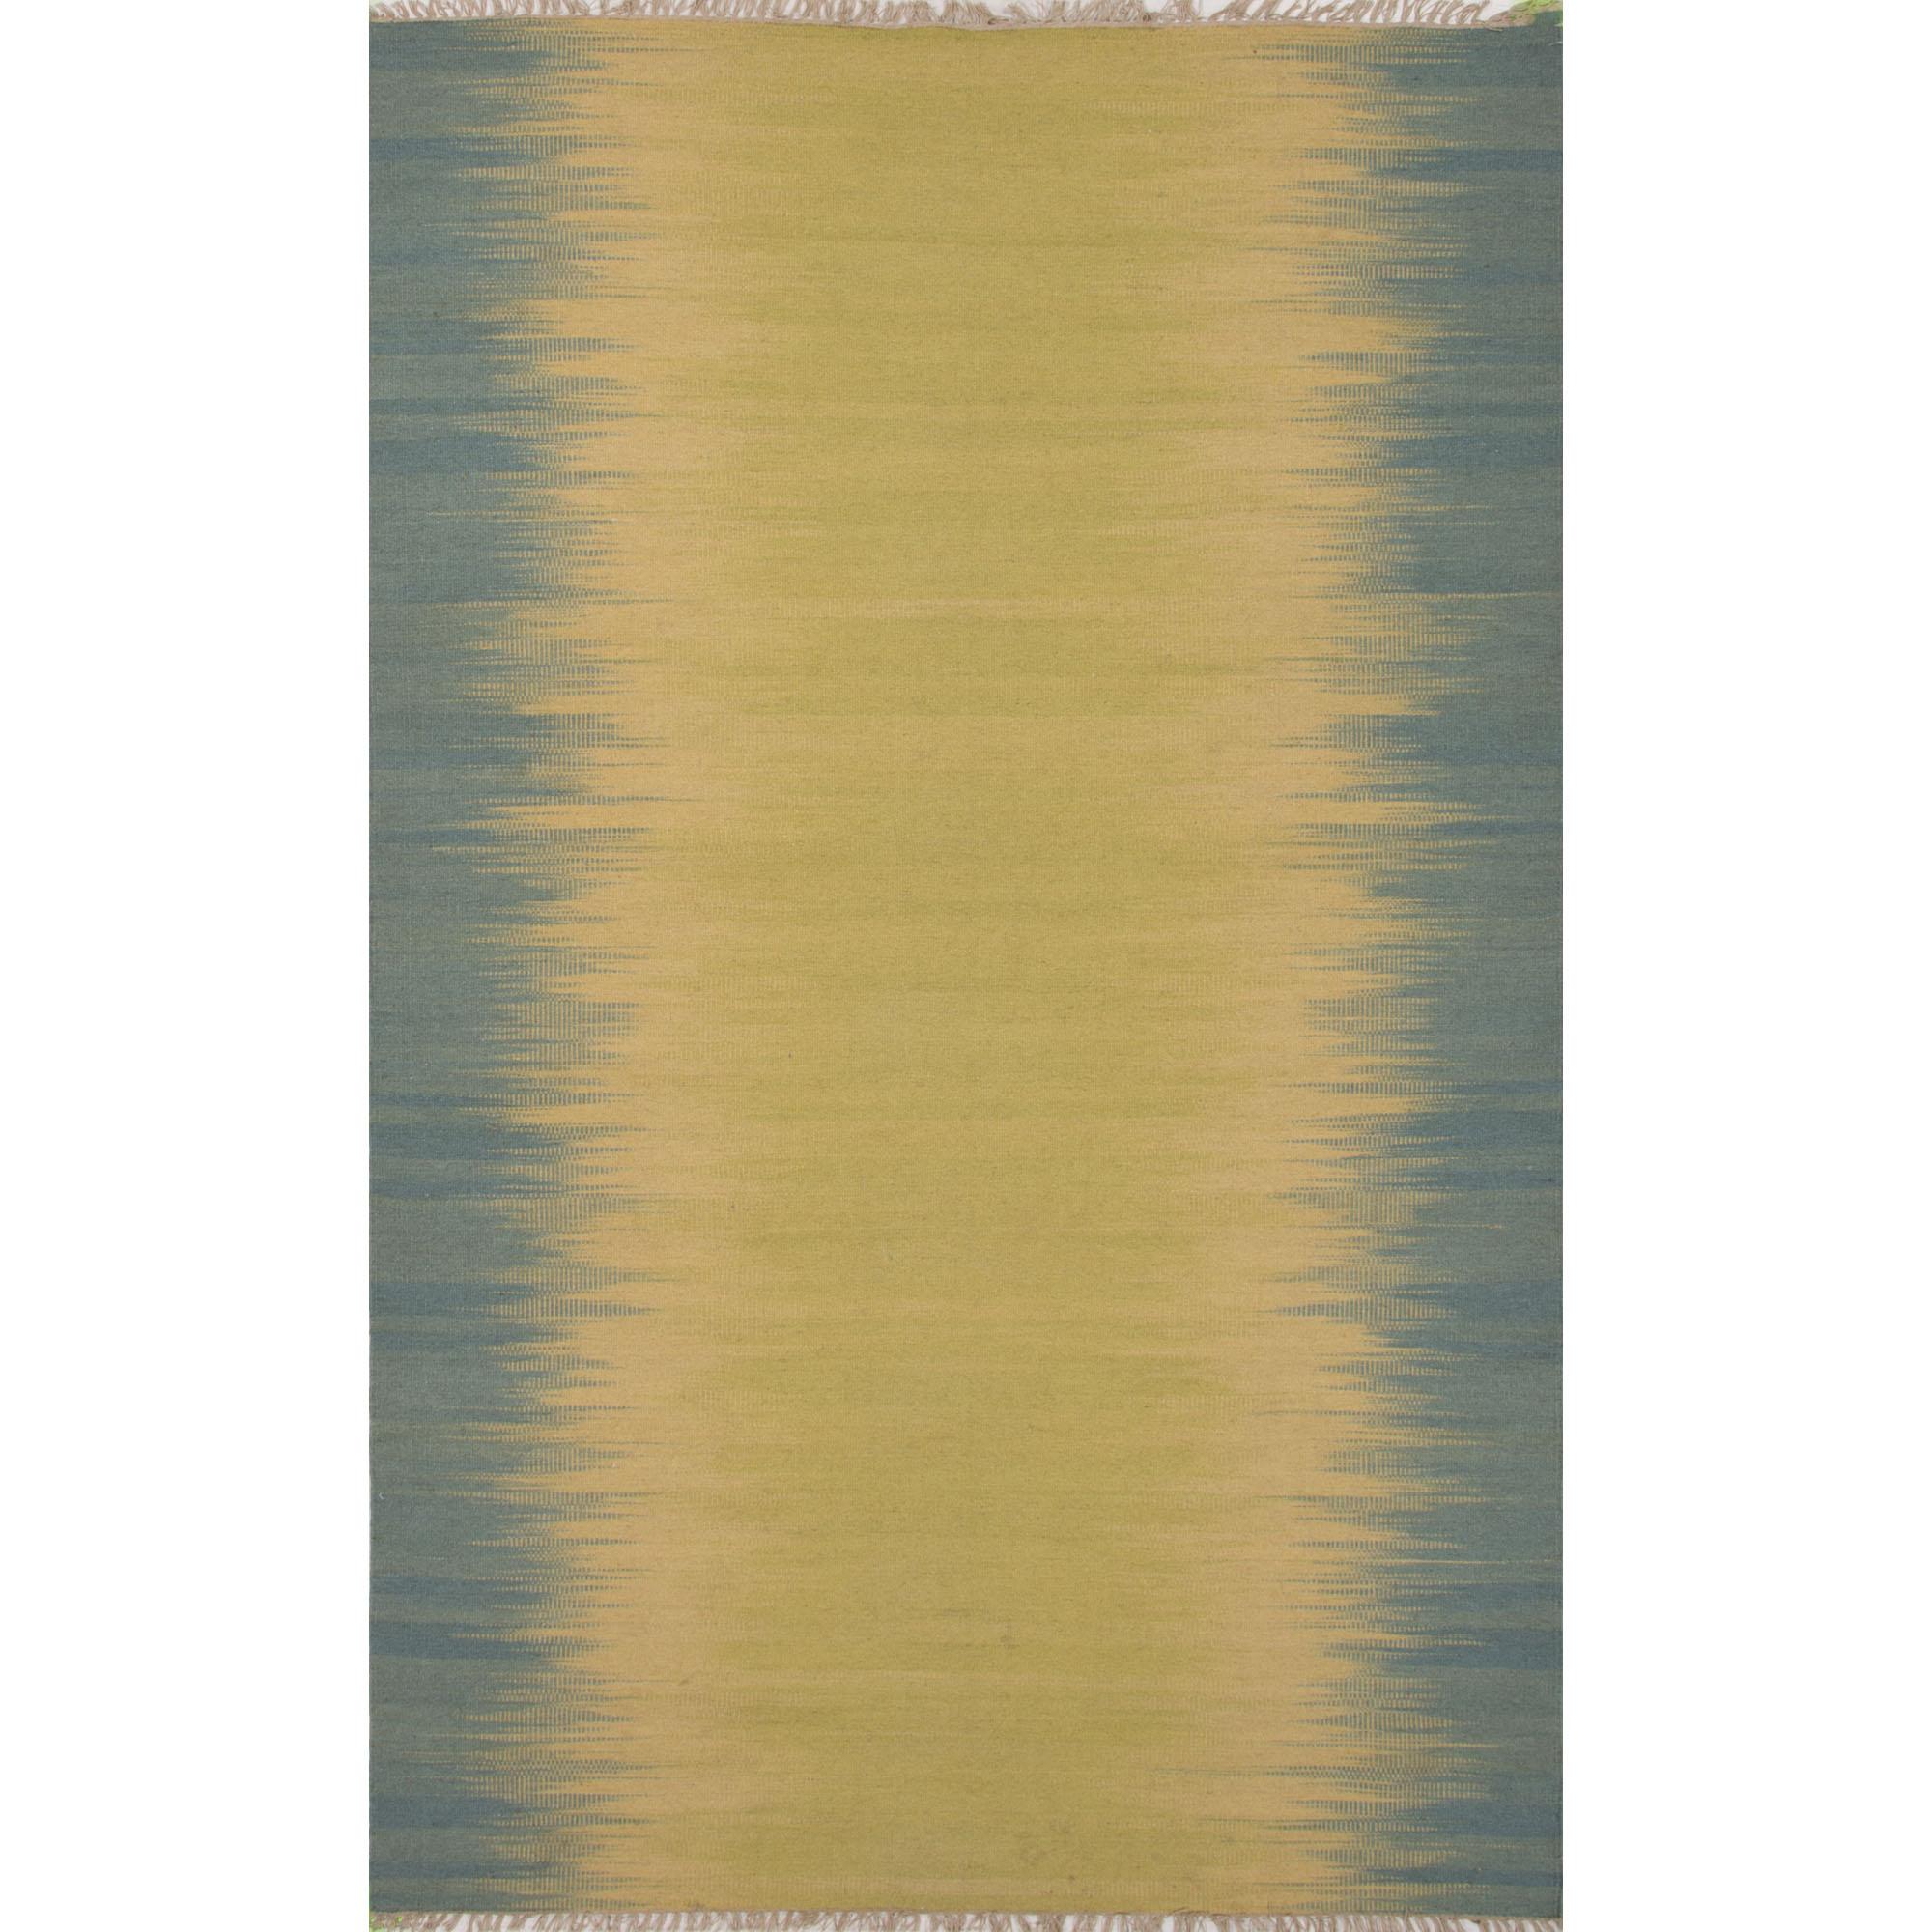 JAIPUR Rugs Spectra 2 x 3 Rug - Item Number: RUG122377